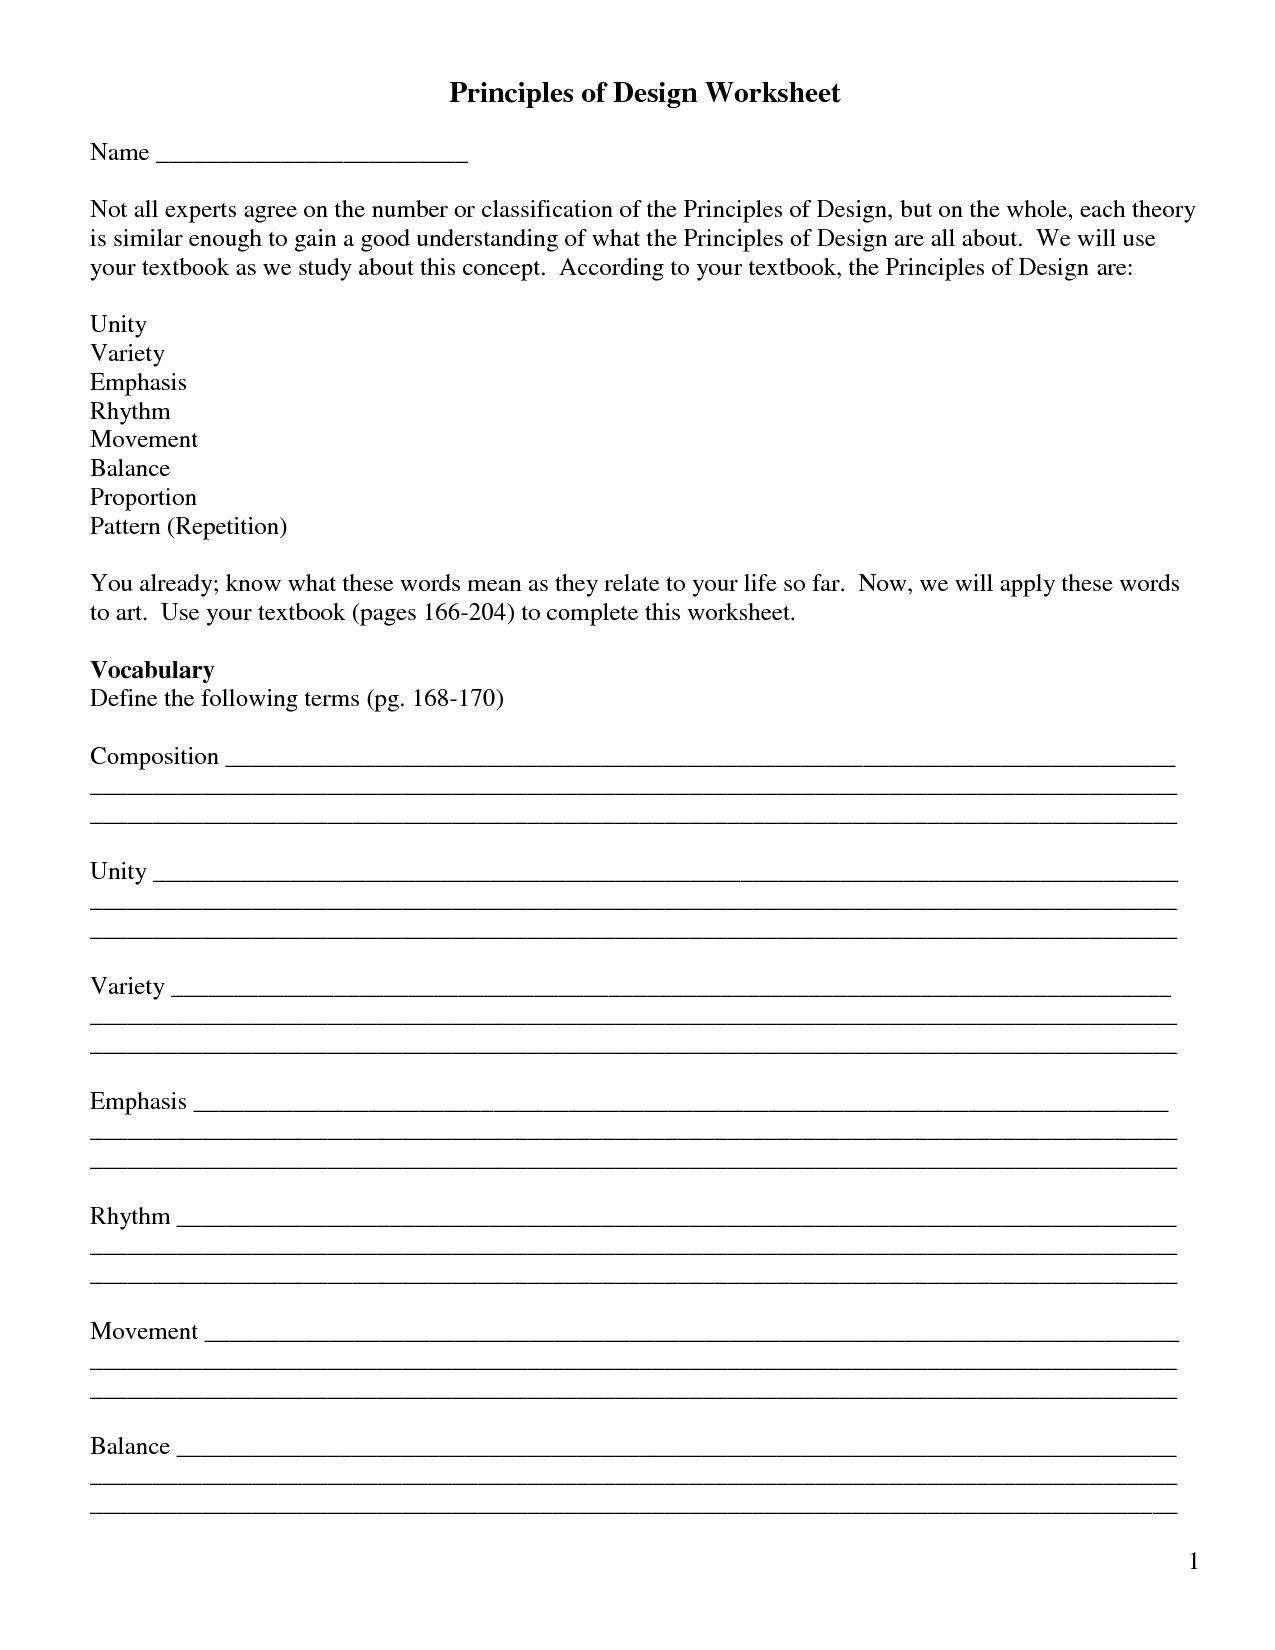 Elements Of Art Worksheets | Principles of Design Worksheet | Art ...